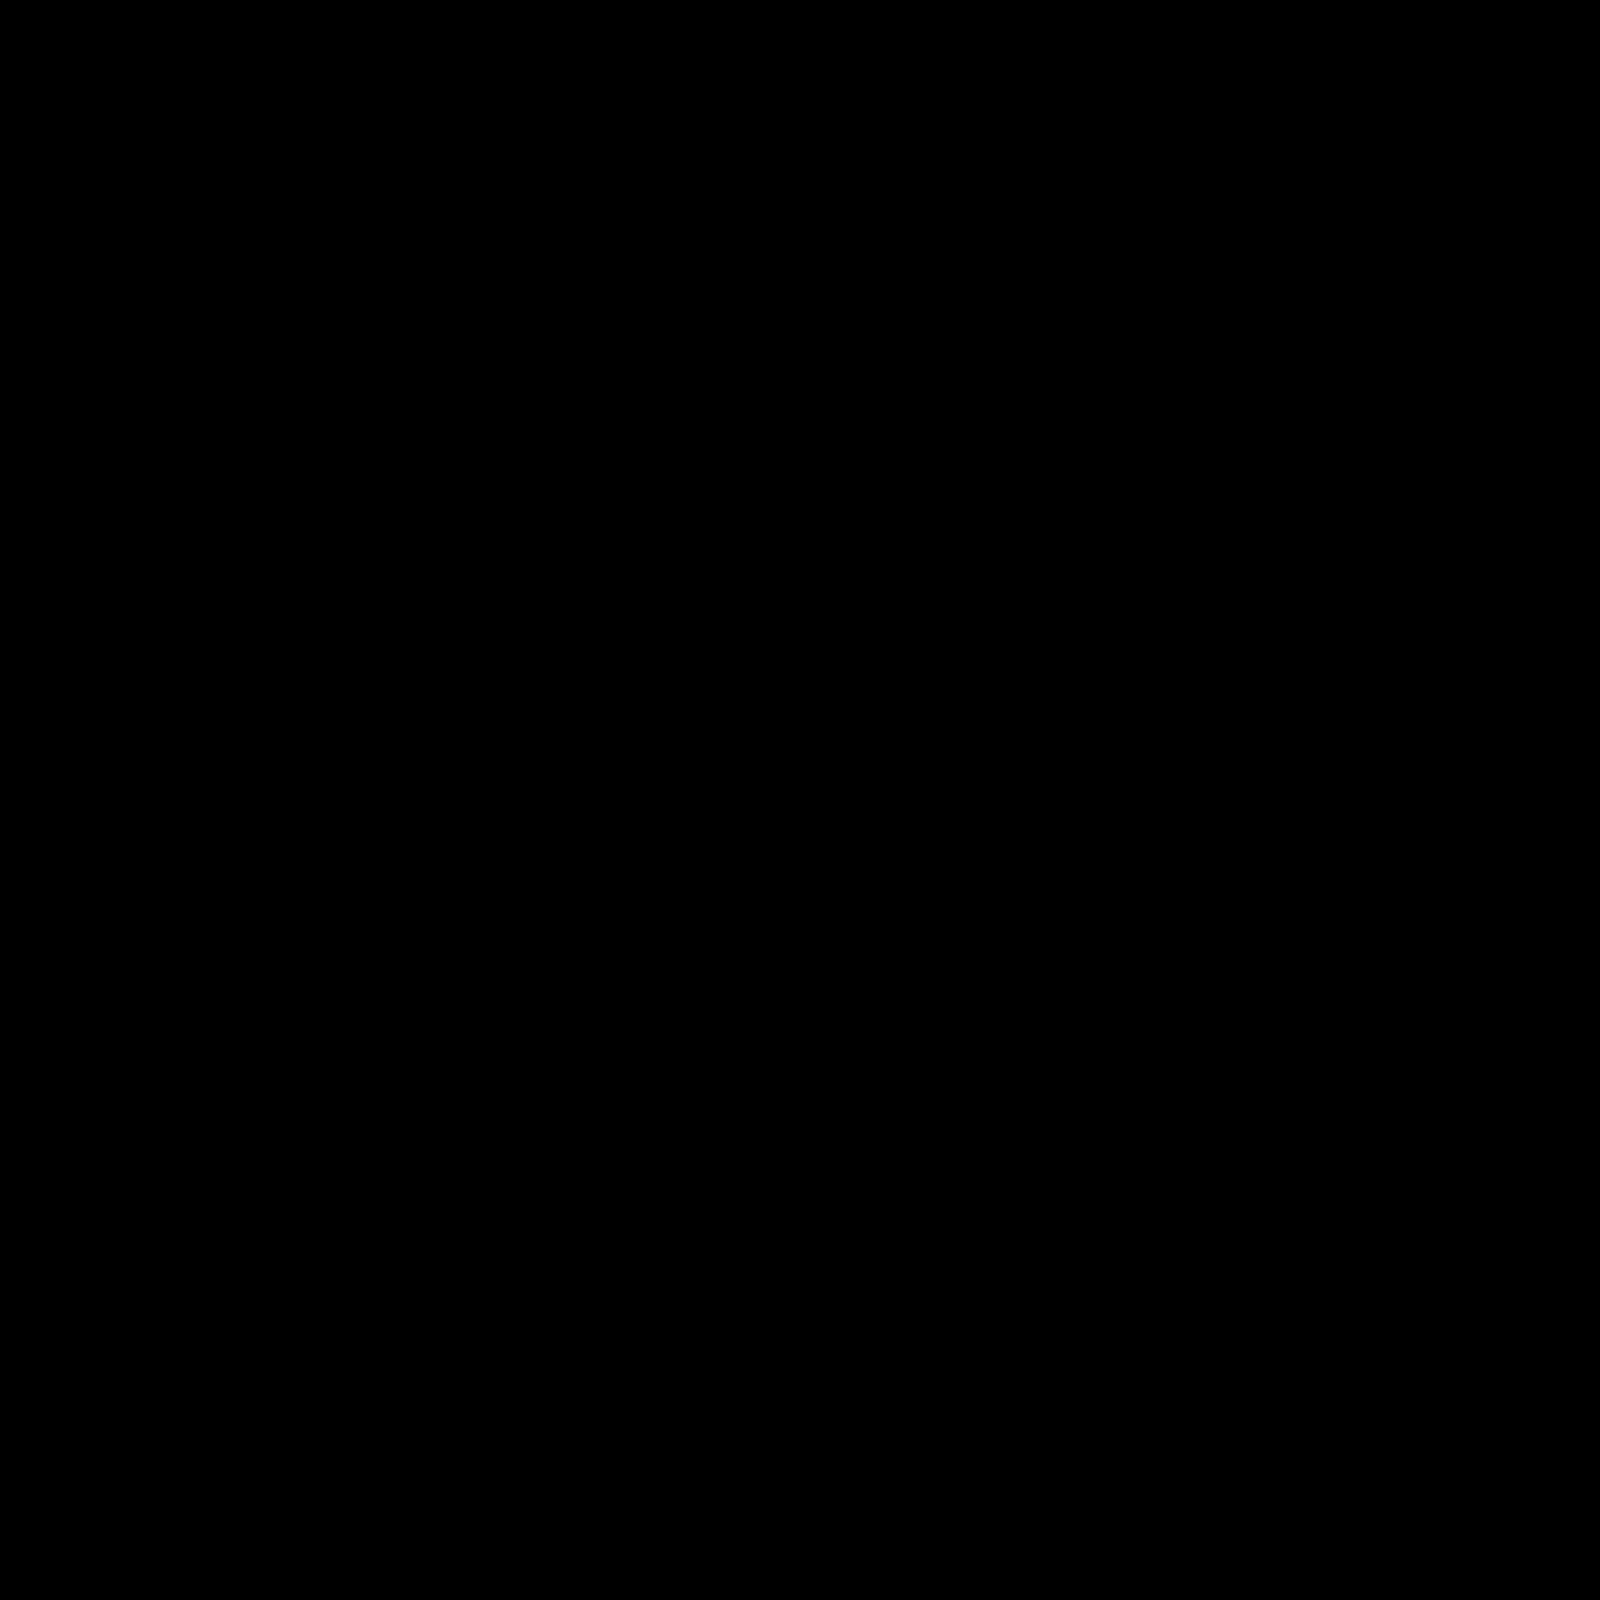 Mieszki icon